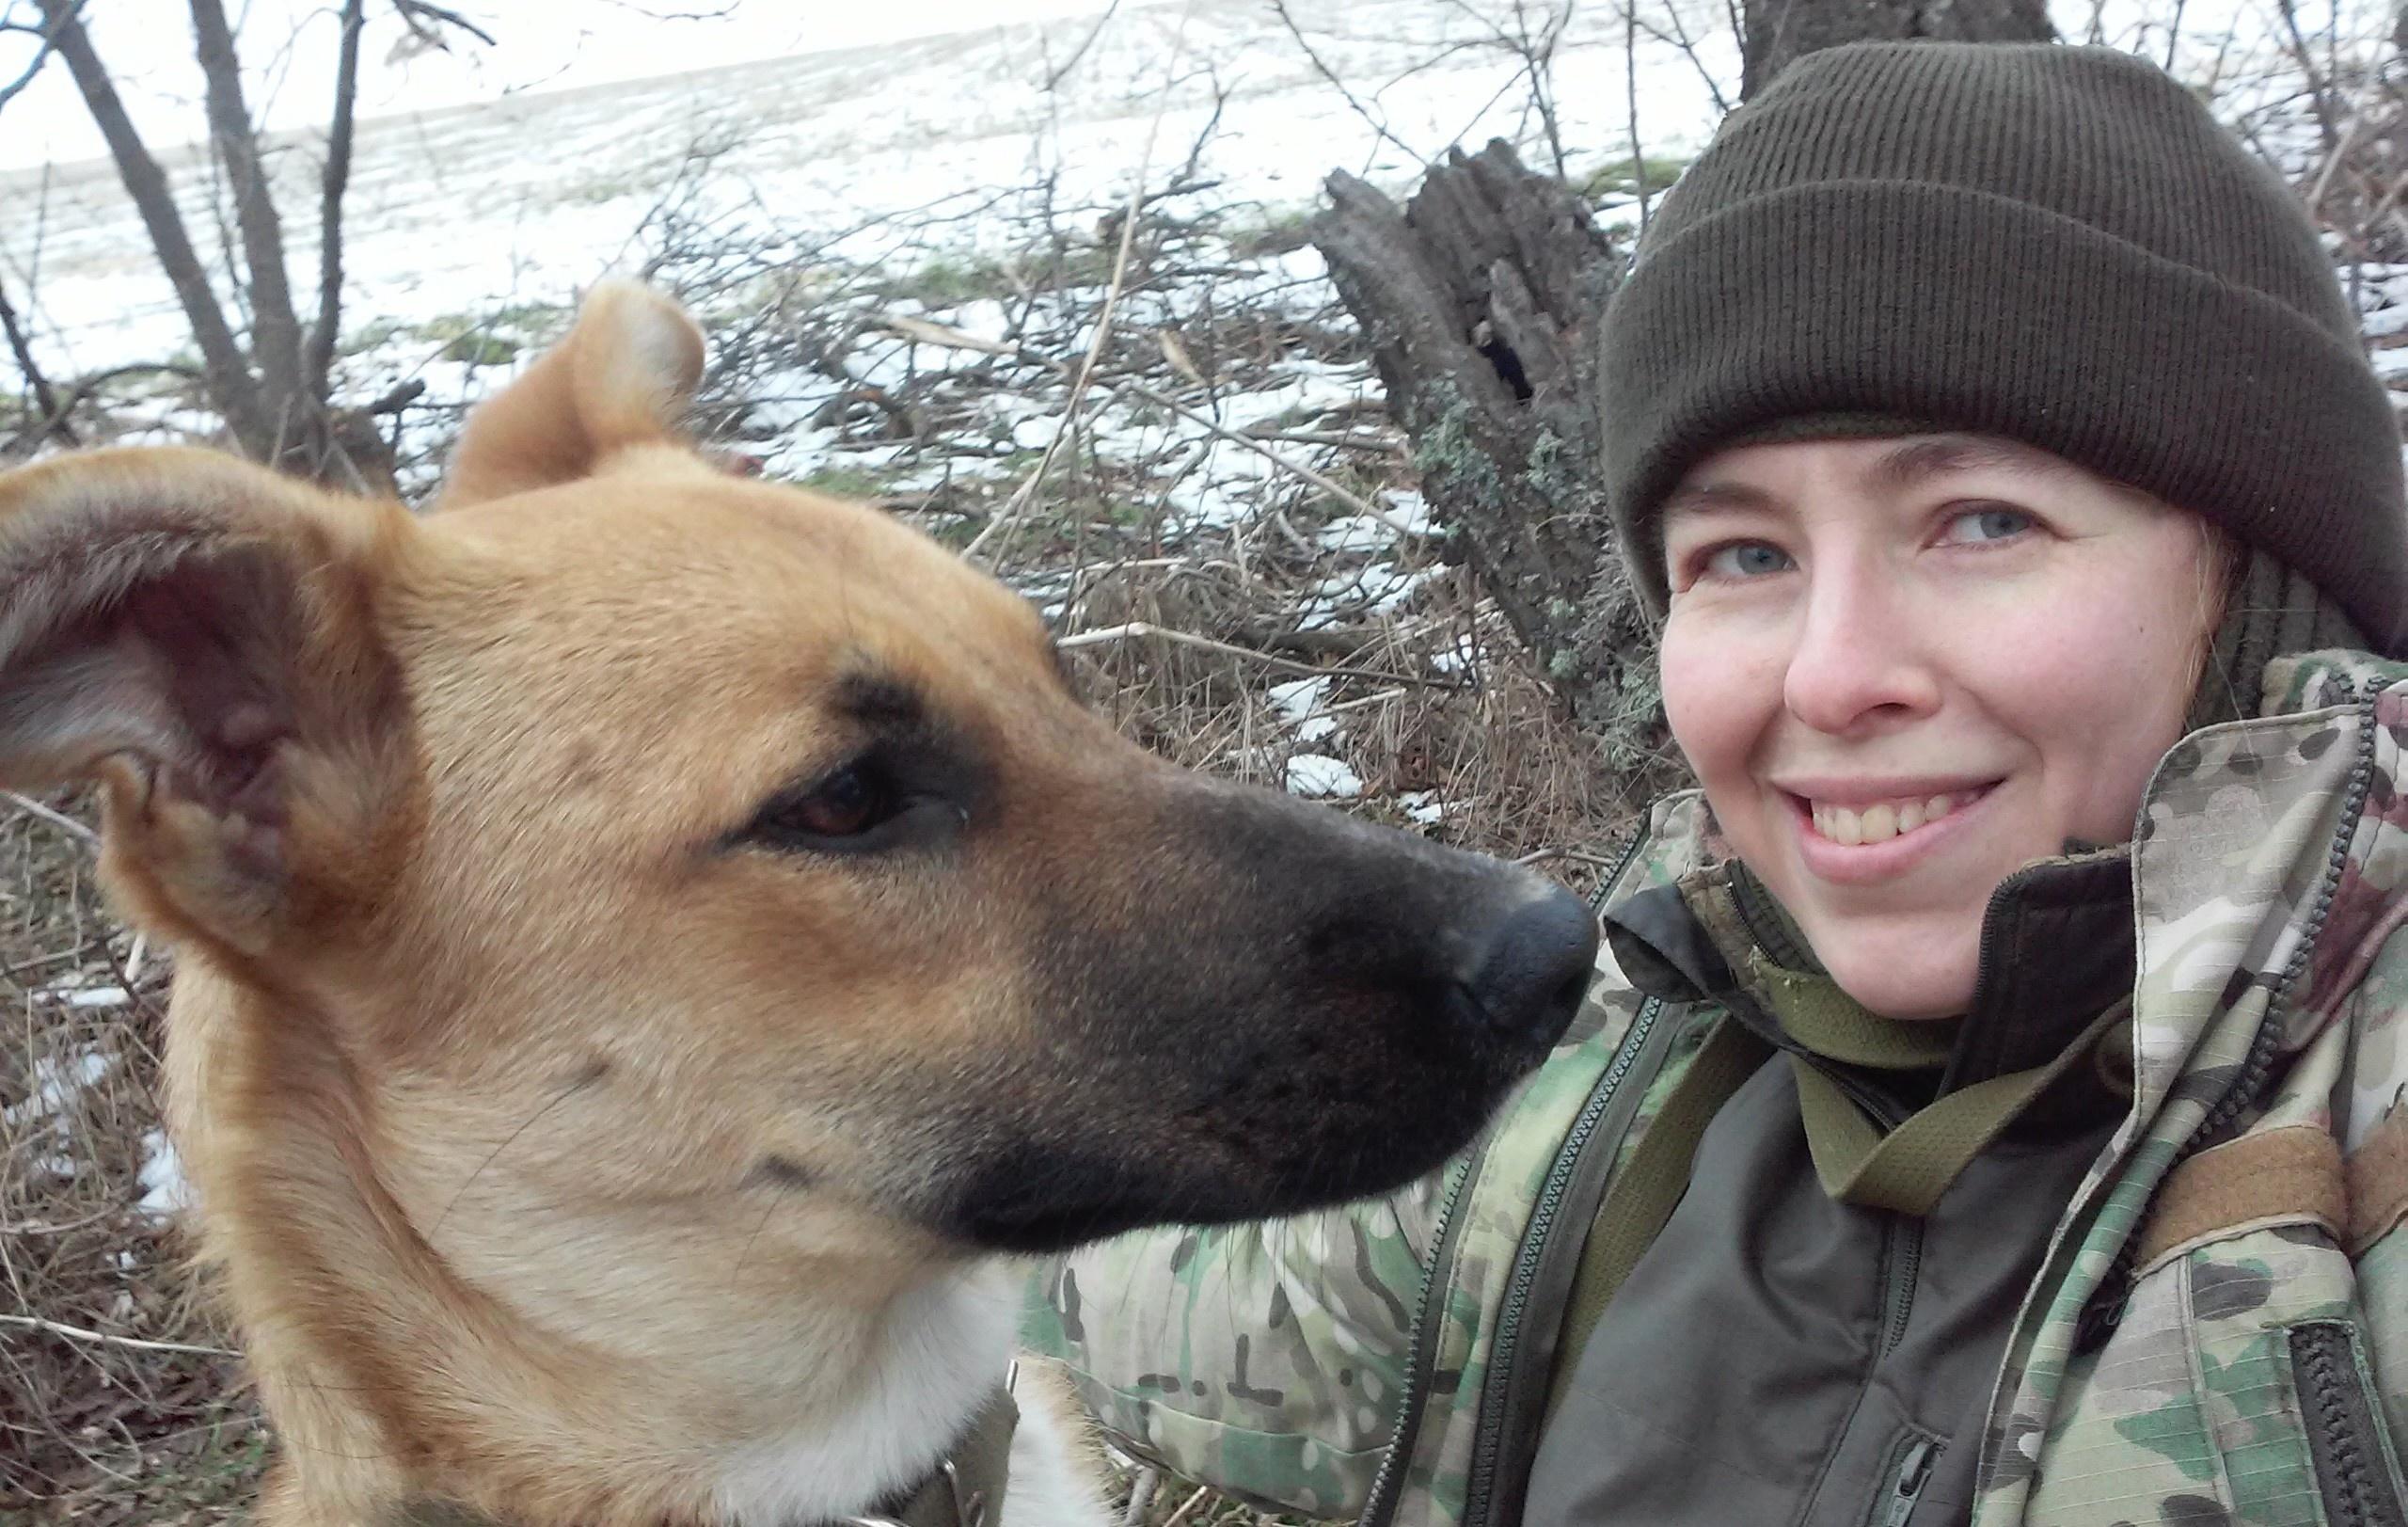 З собакою Ефкою, підібраною «малим цуценям після чергового переїзду на нову базу»